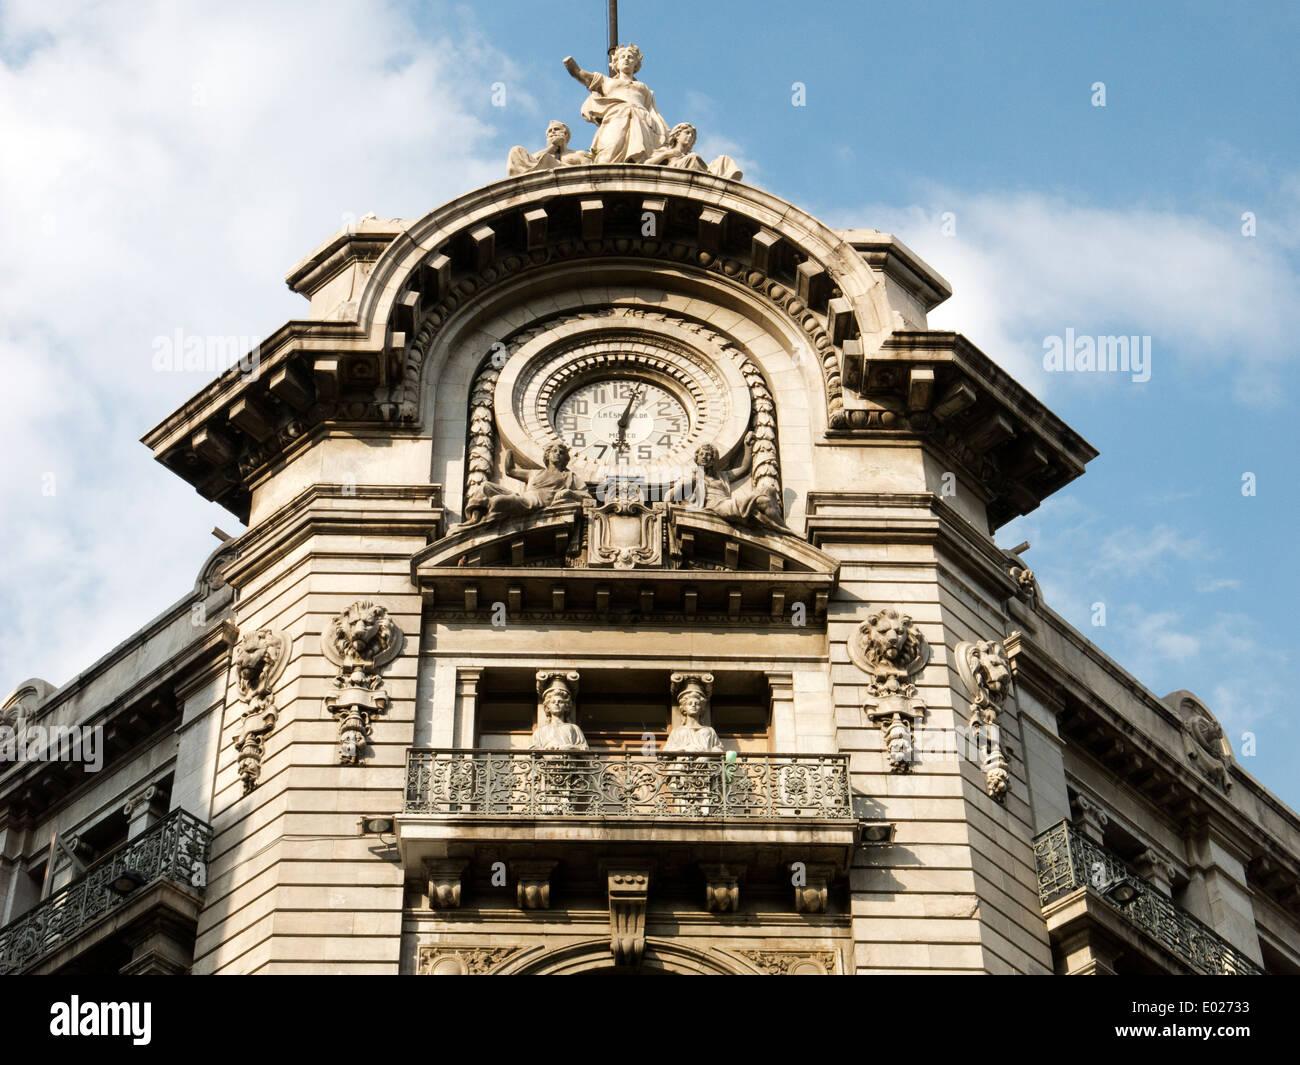 Edificio antiguo y su reloj, en el centro de la Ciudad de México Imagen De Stock